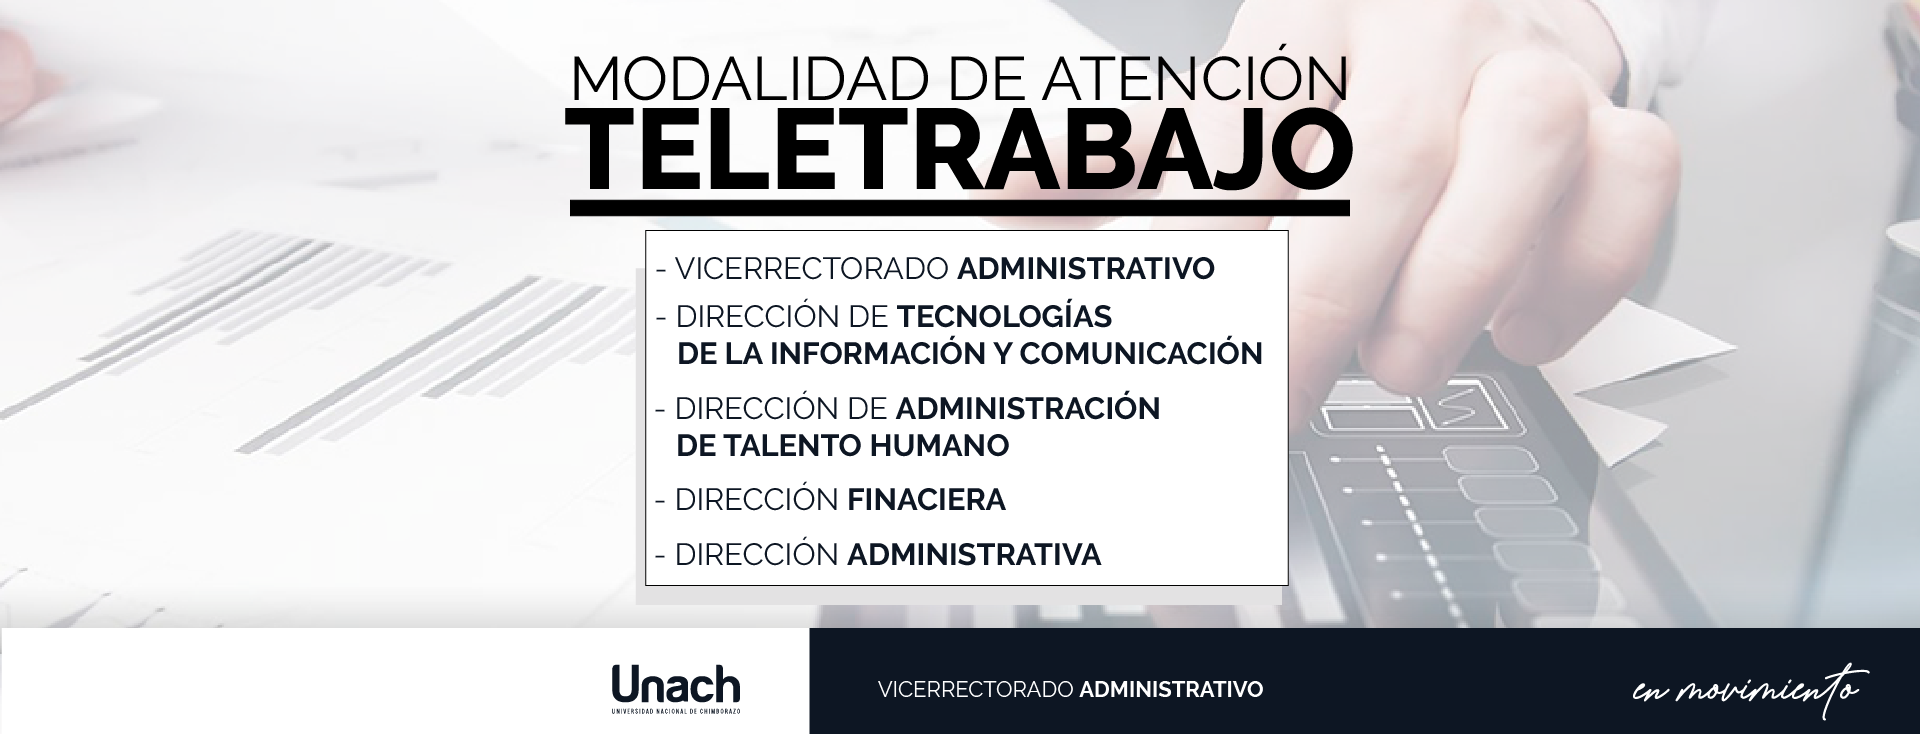 MODALIDAD DE ATENCIÓN TELETRABAJO